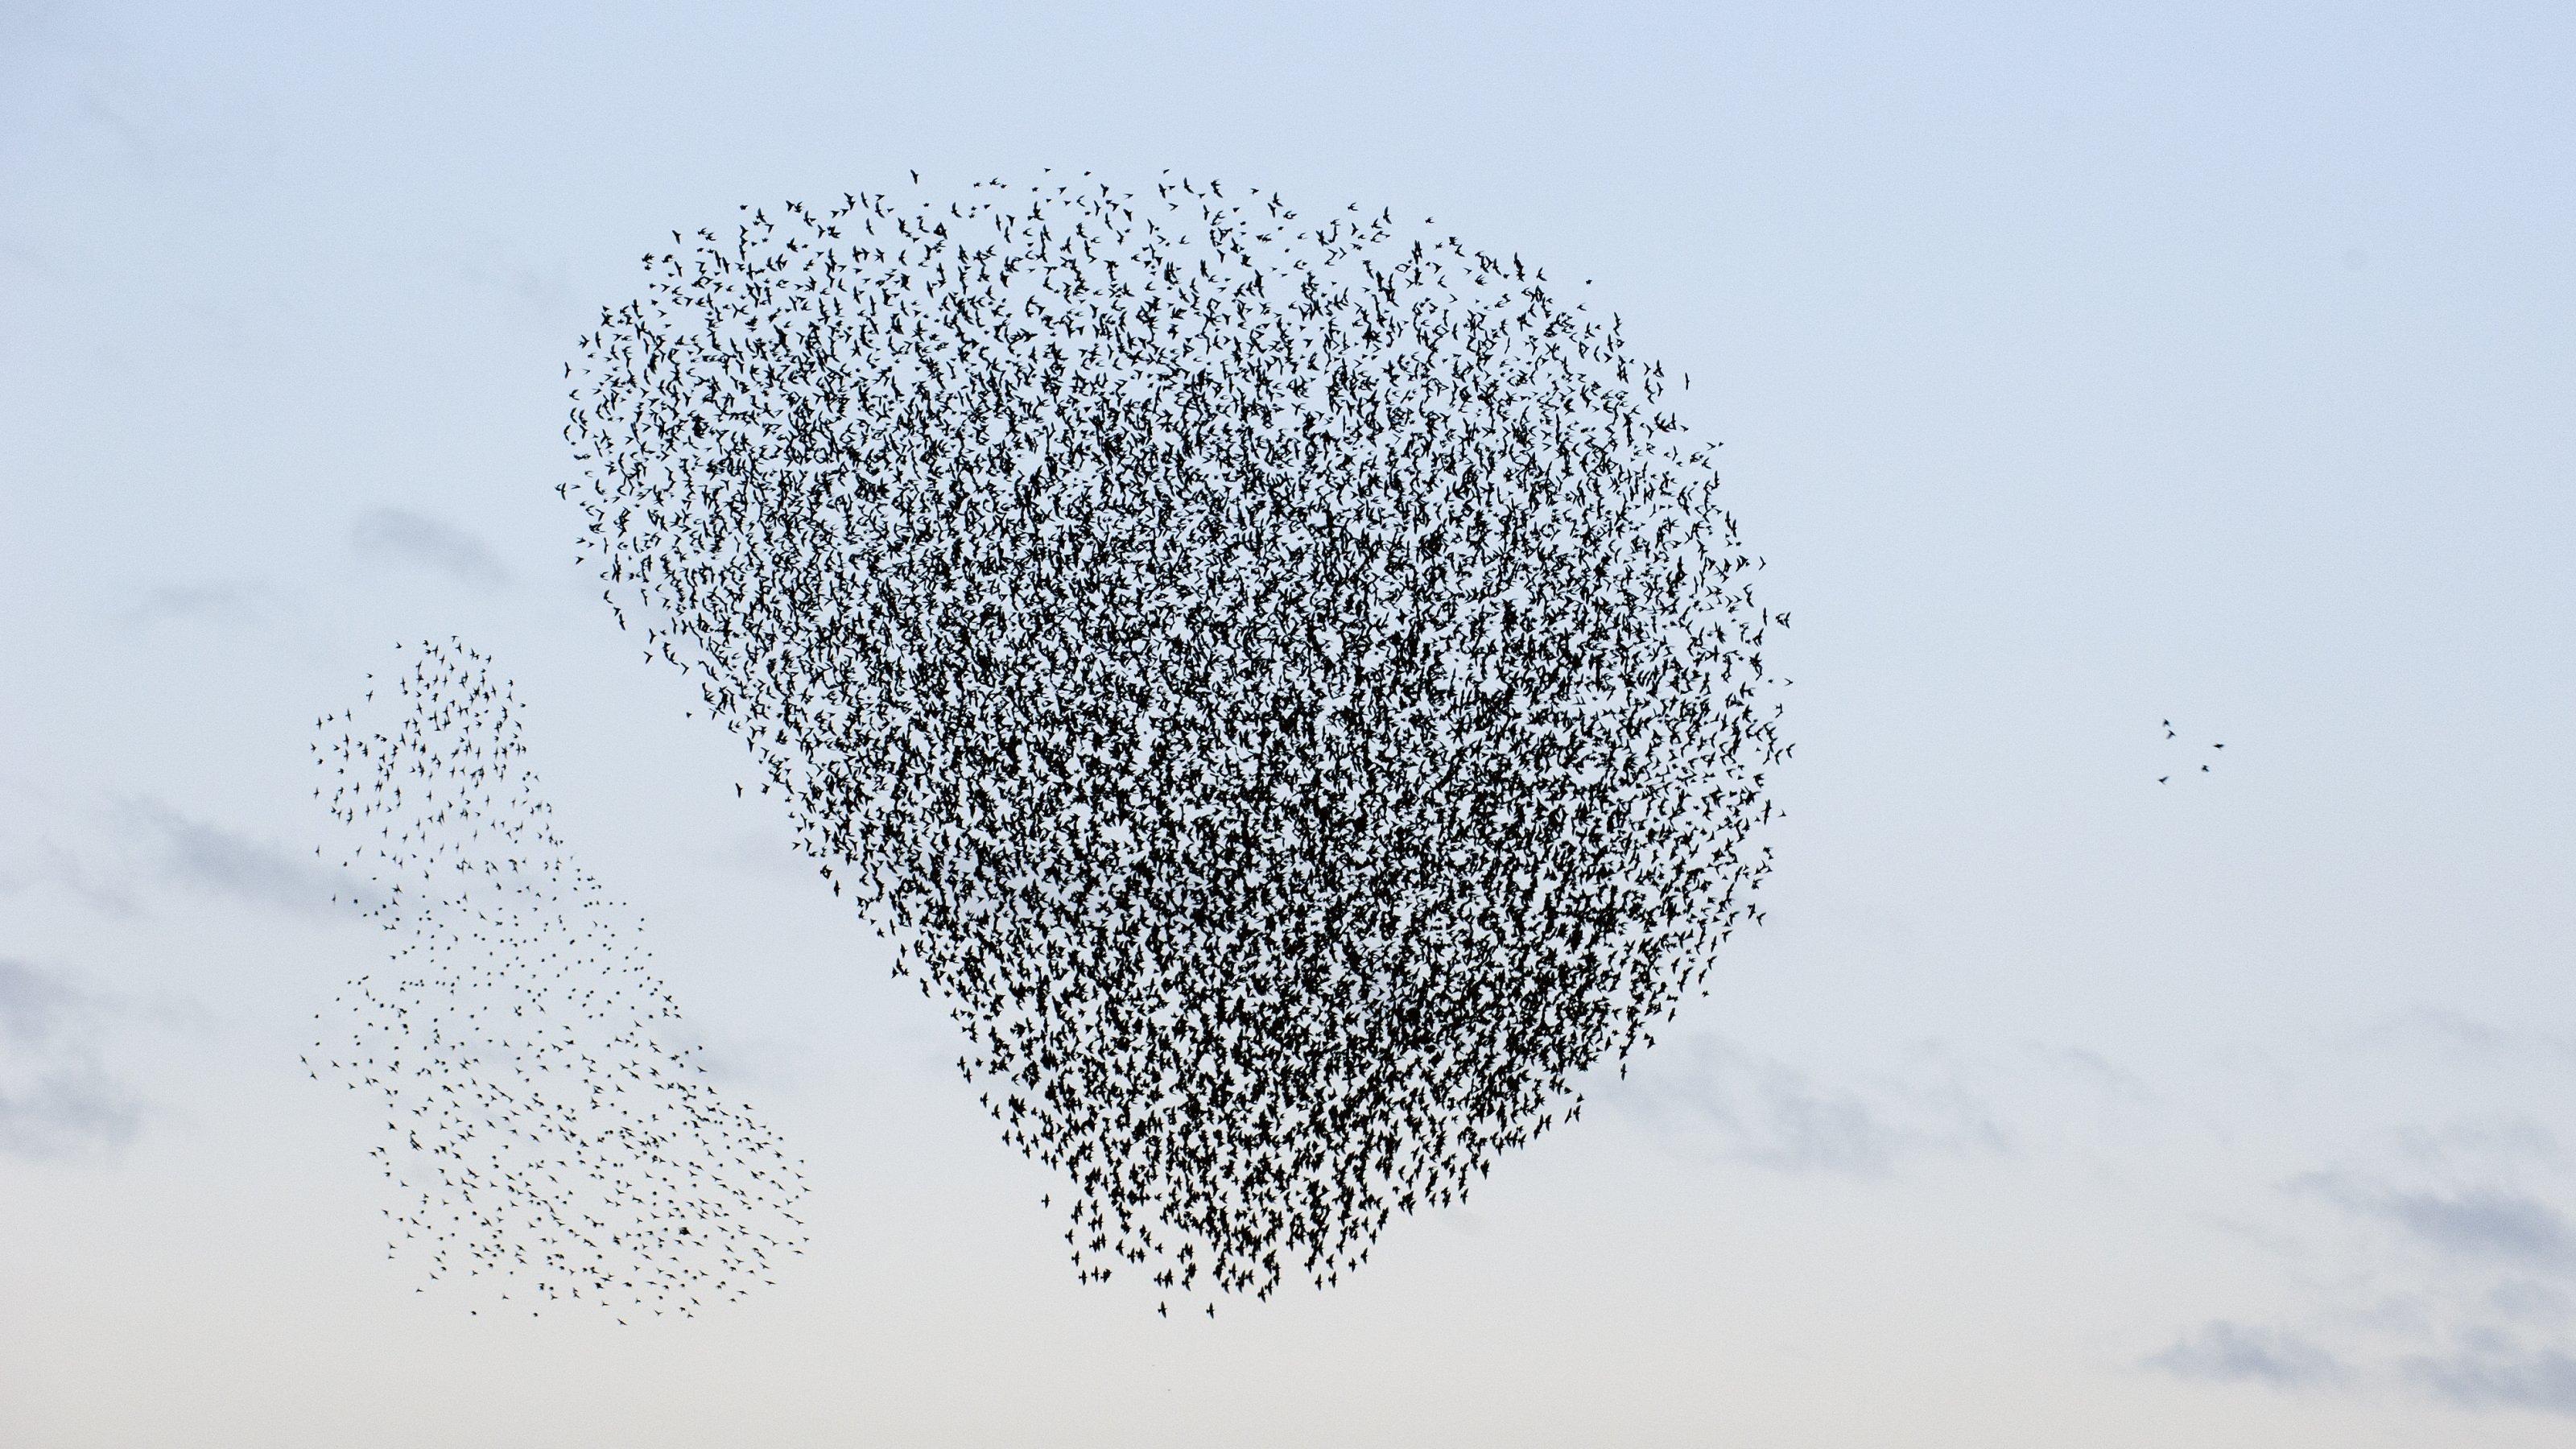 Ein Schwarm Stare in einer Art Wolke von Vögeln, aber die Wolke ist durchtrennt, weil ein Greifvogel attackiert.